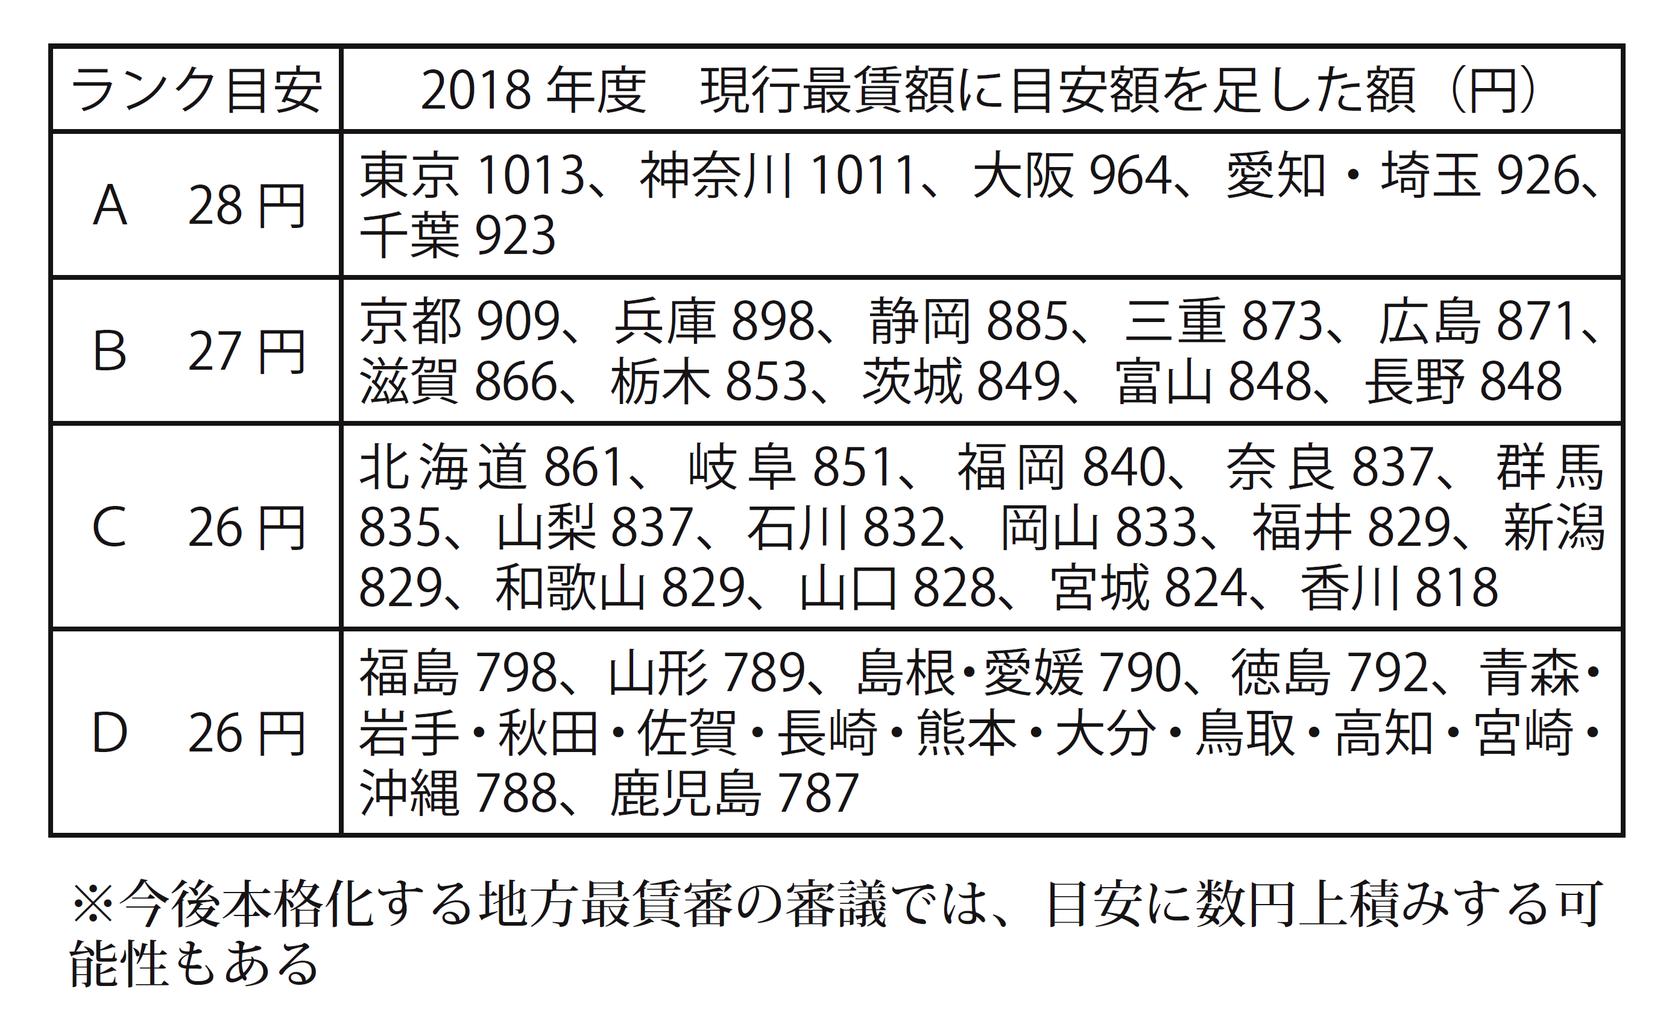 最低 東京 賃金 2021 都